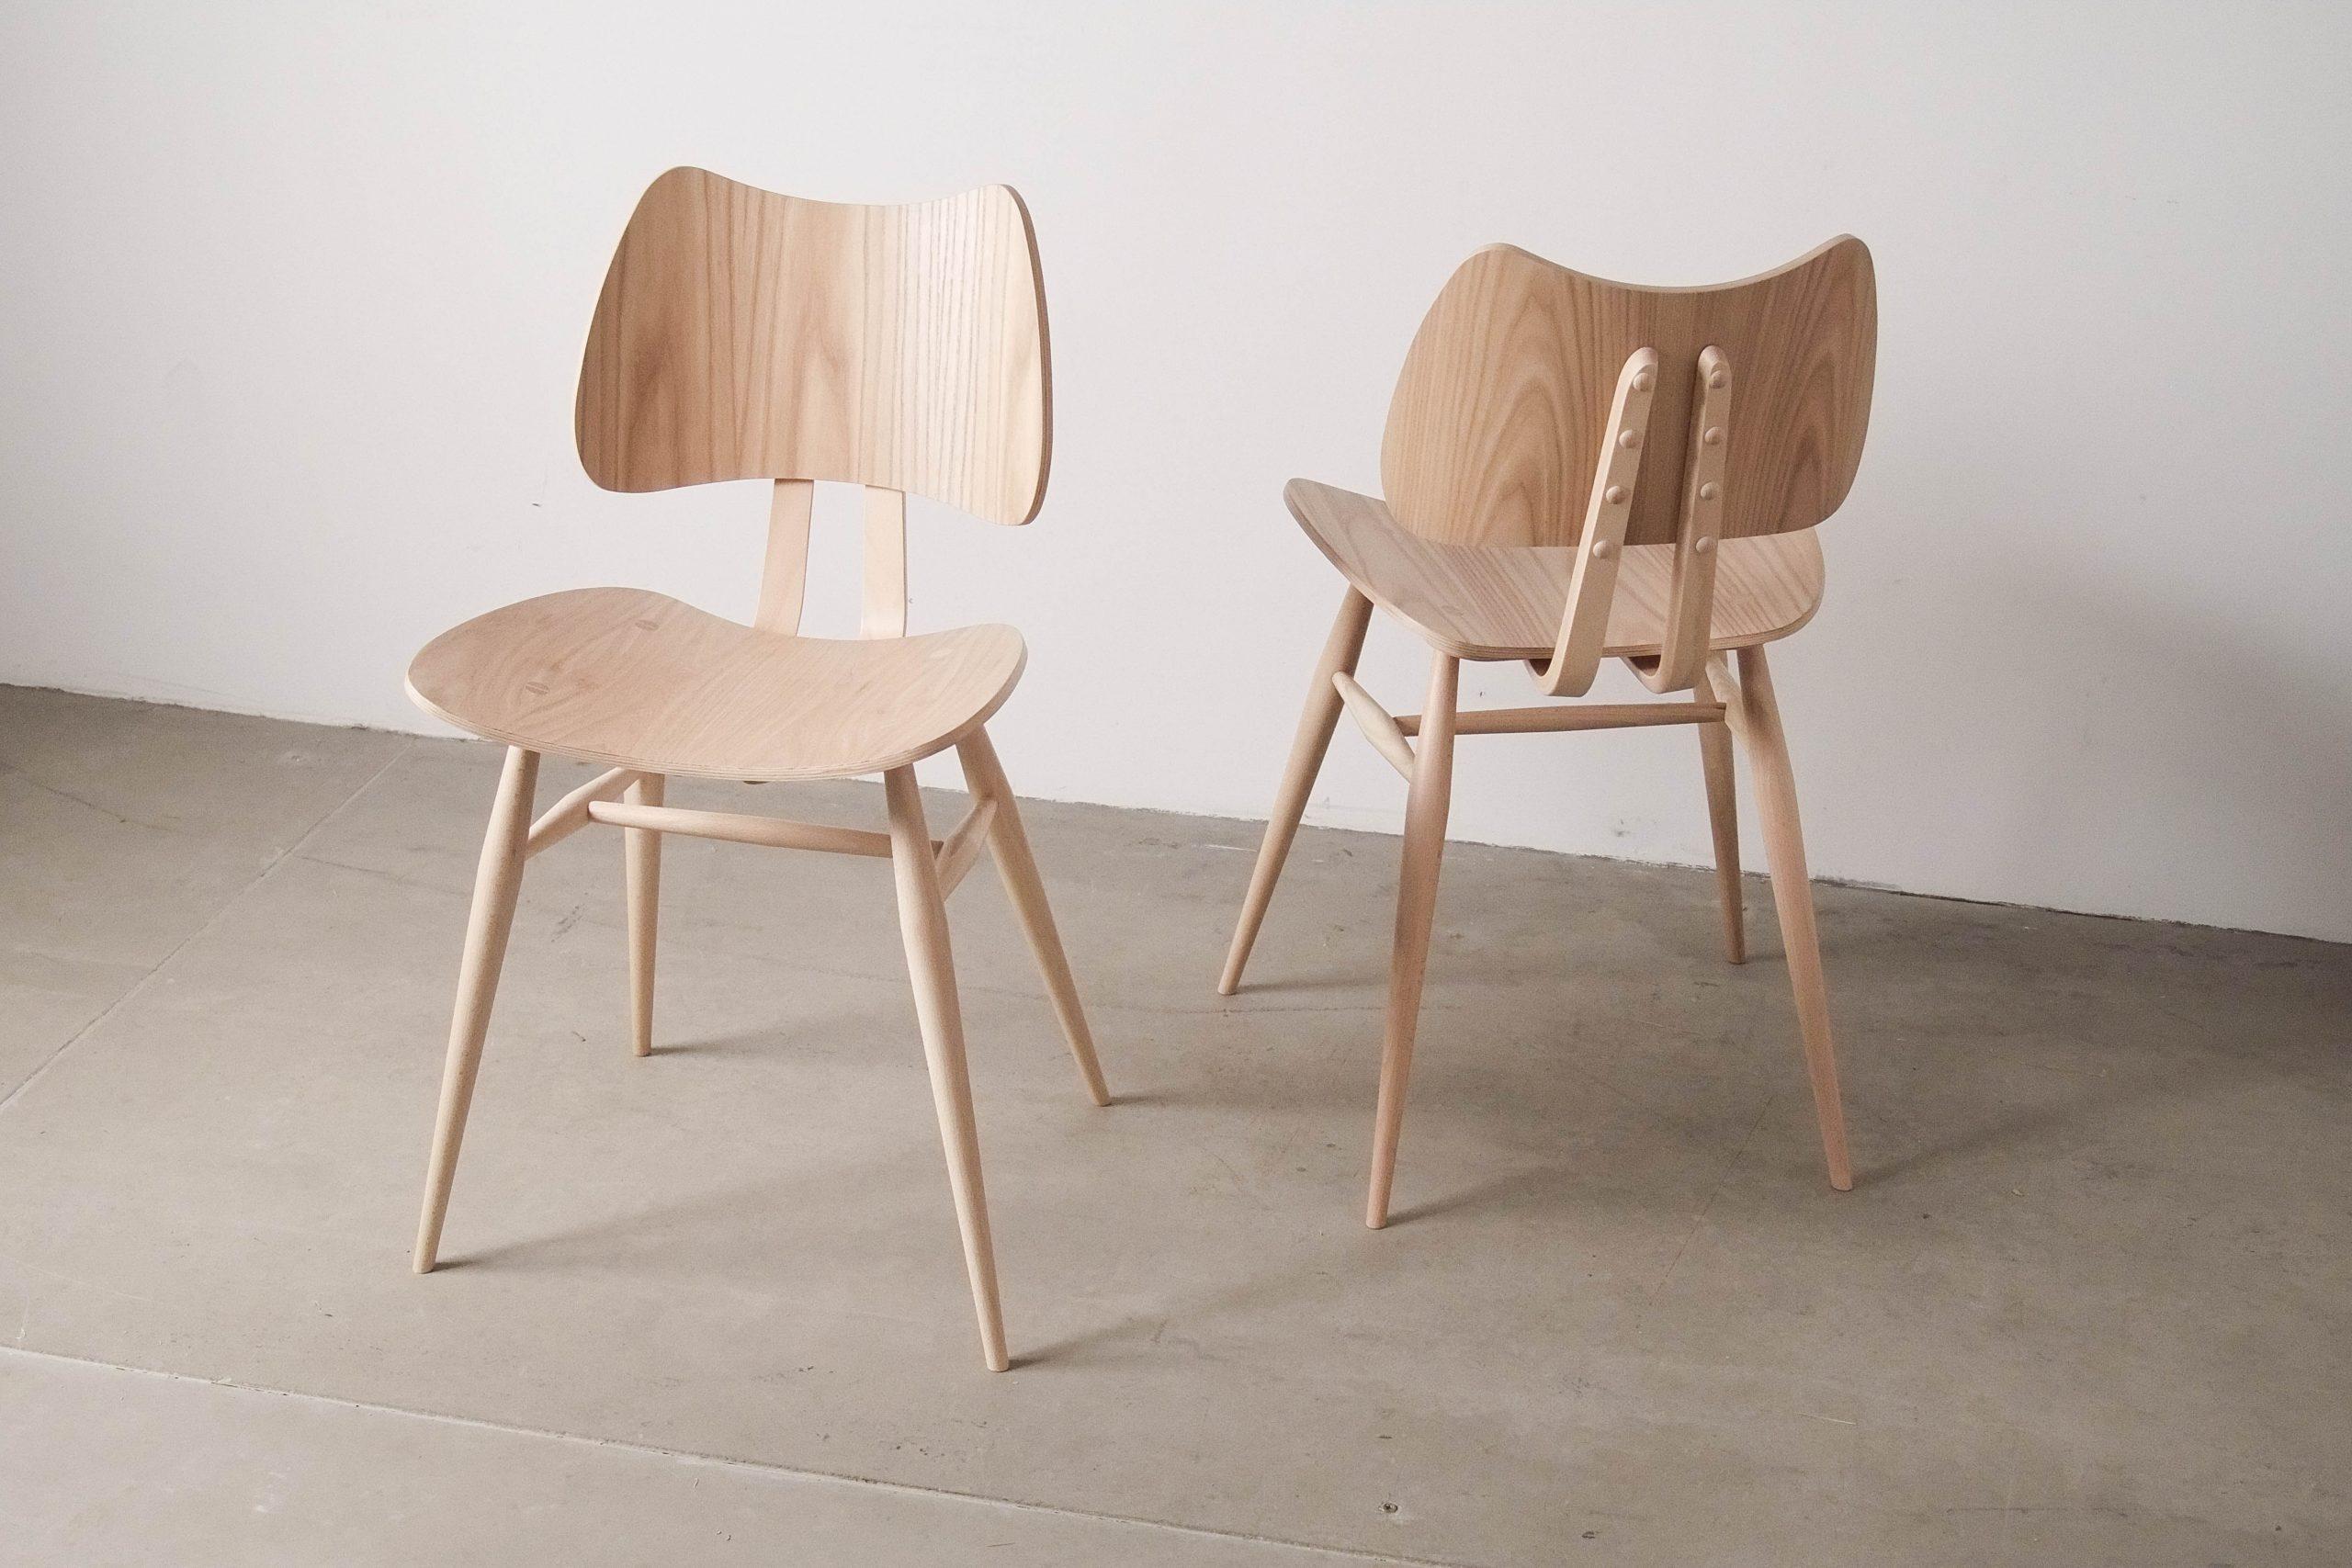 silla natural de madera comoda de comedor maciza confortable trabajo cocina